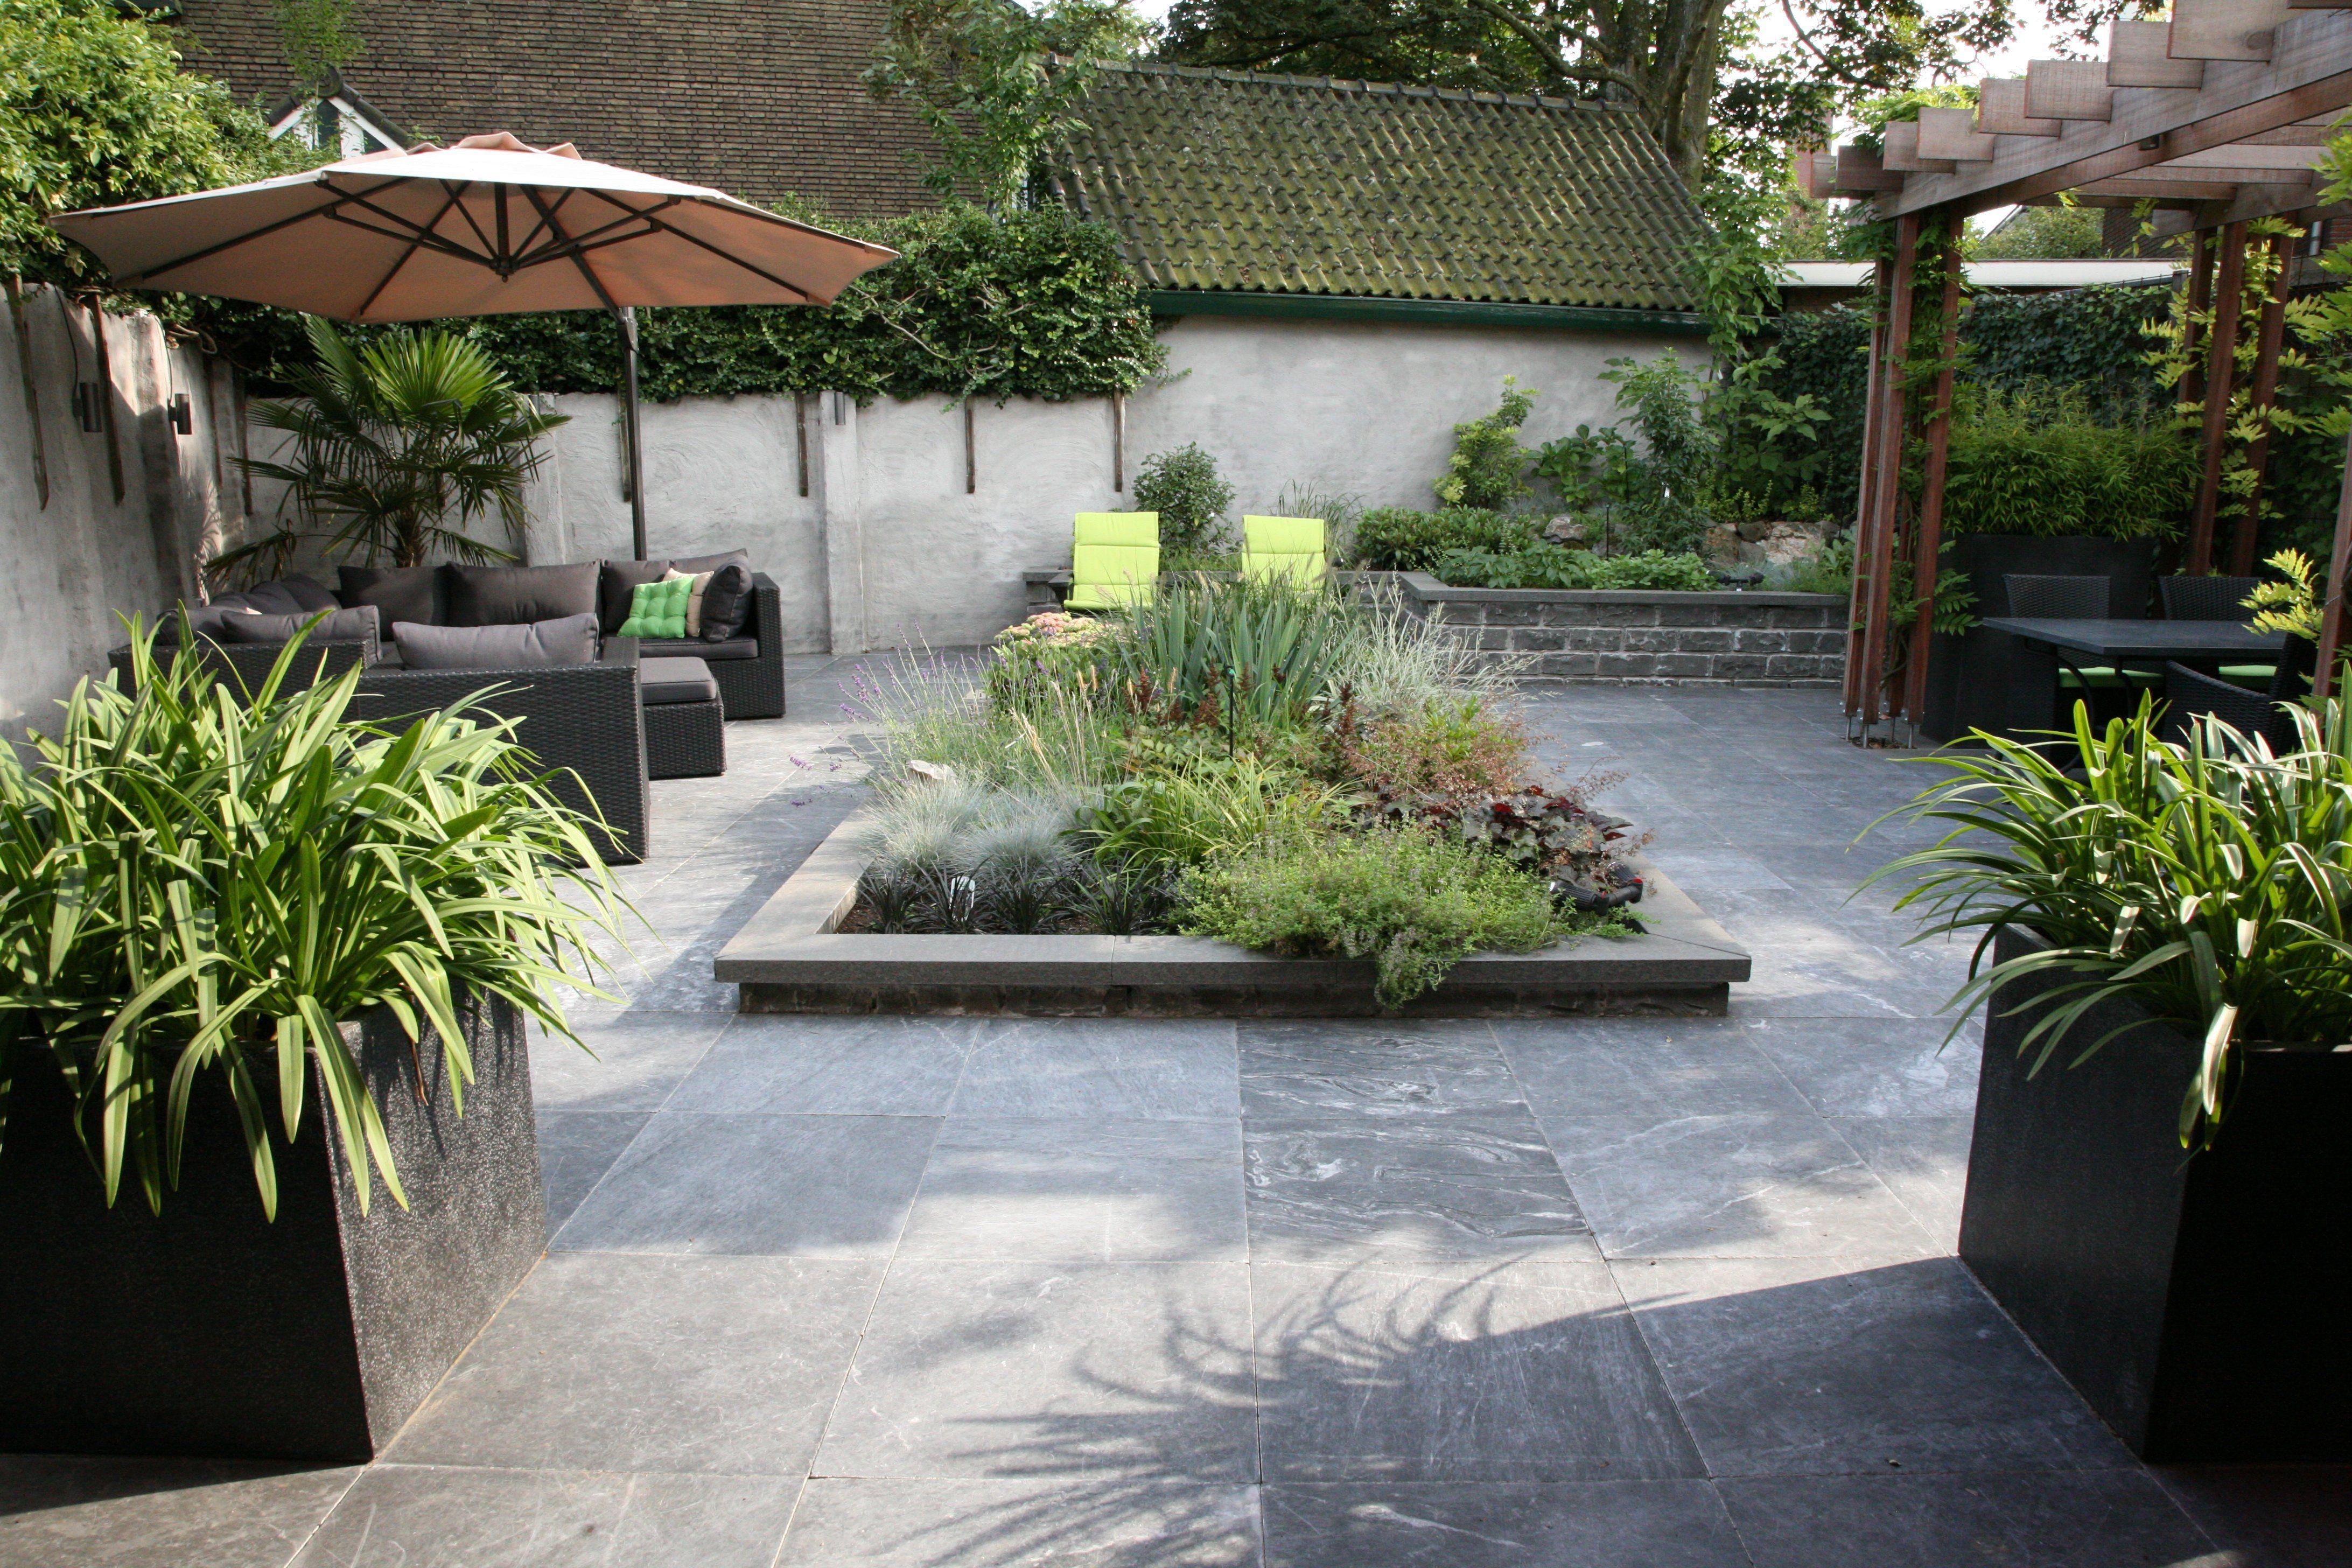 Grijze Tegels Tuin : Afbeeldingsresultaat voor tuin met grijze tegels tuin pinterest